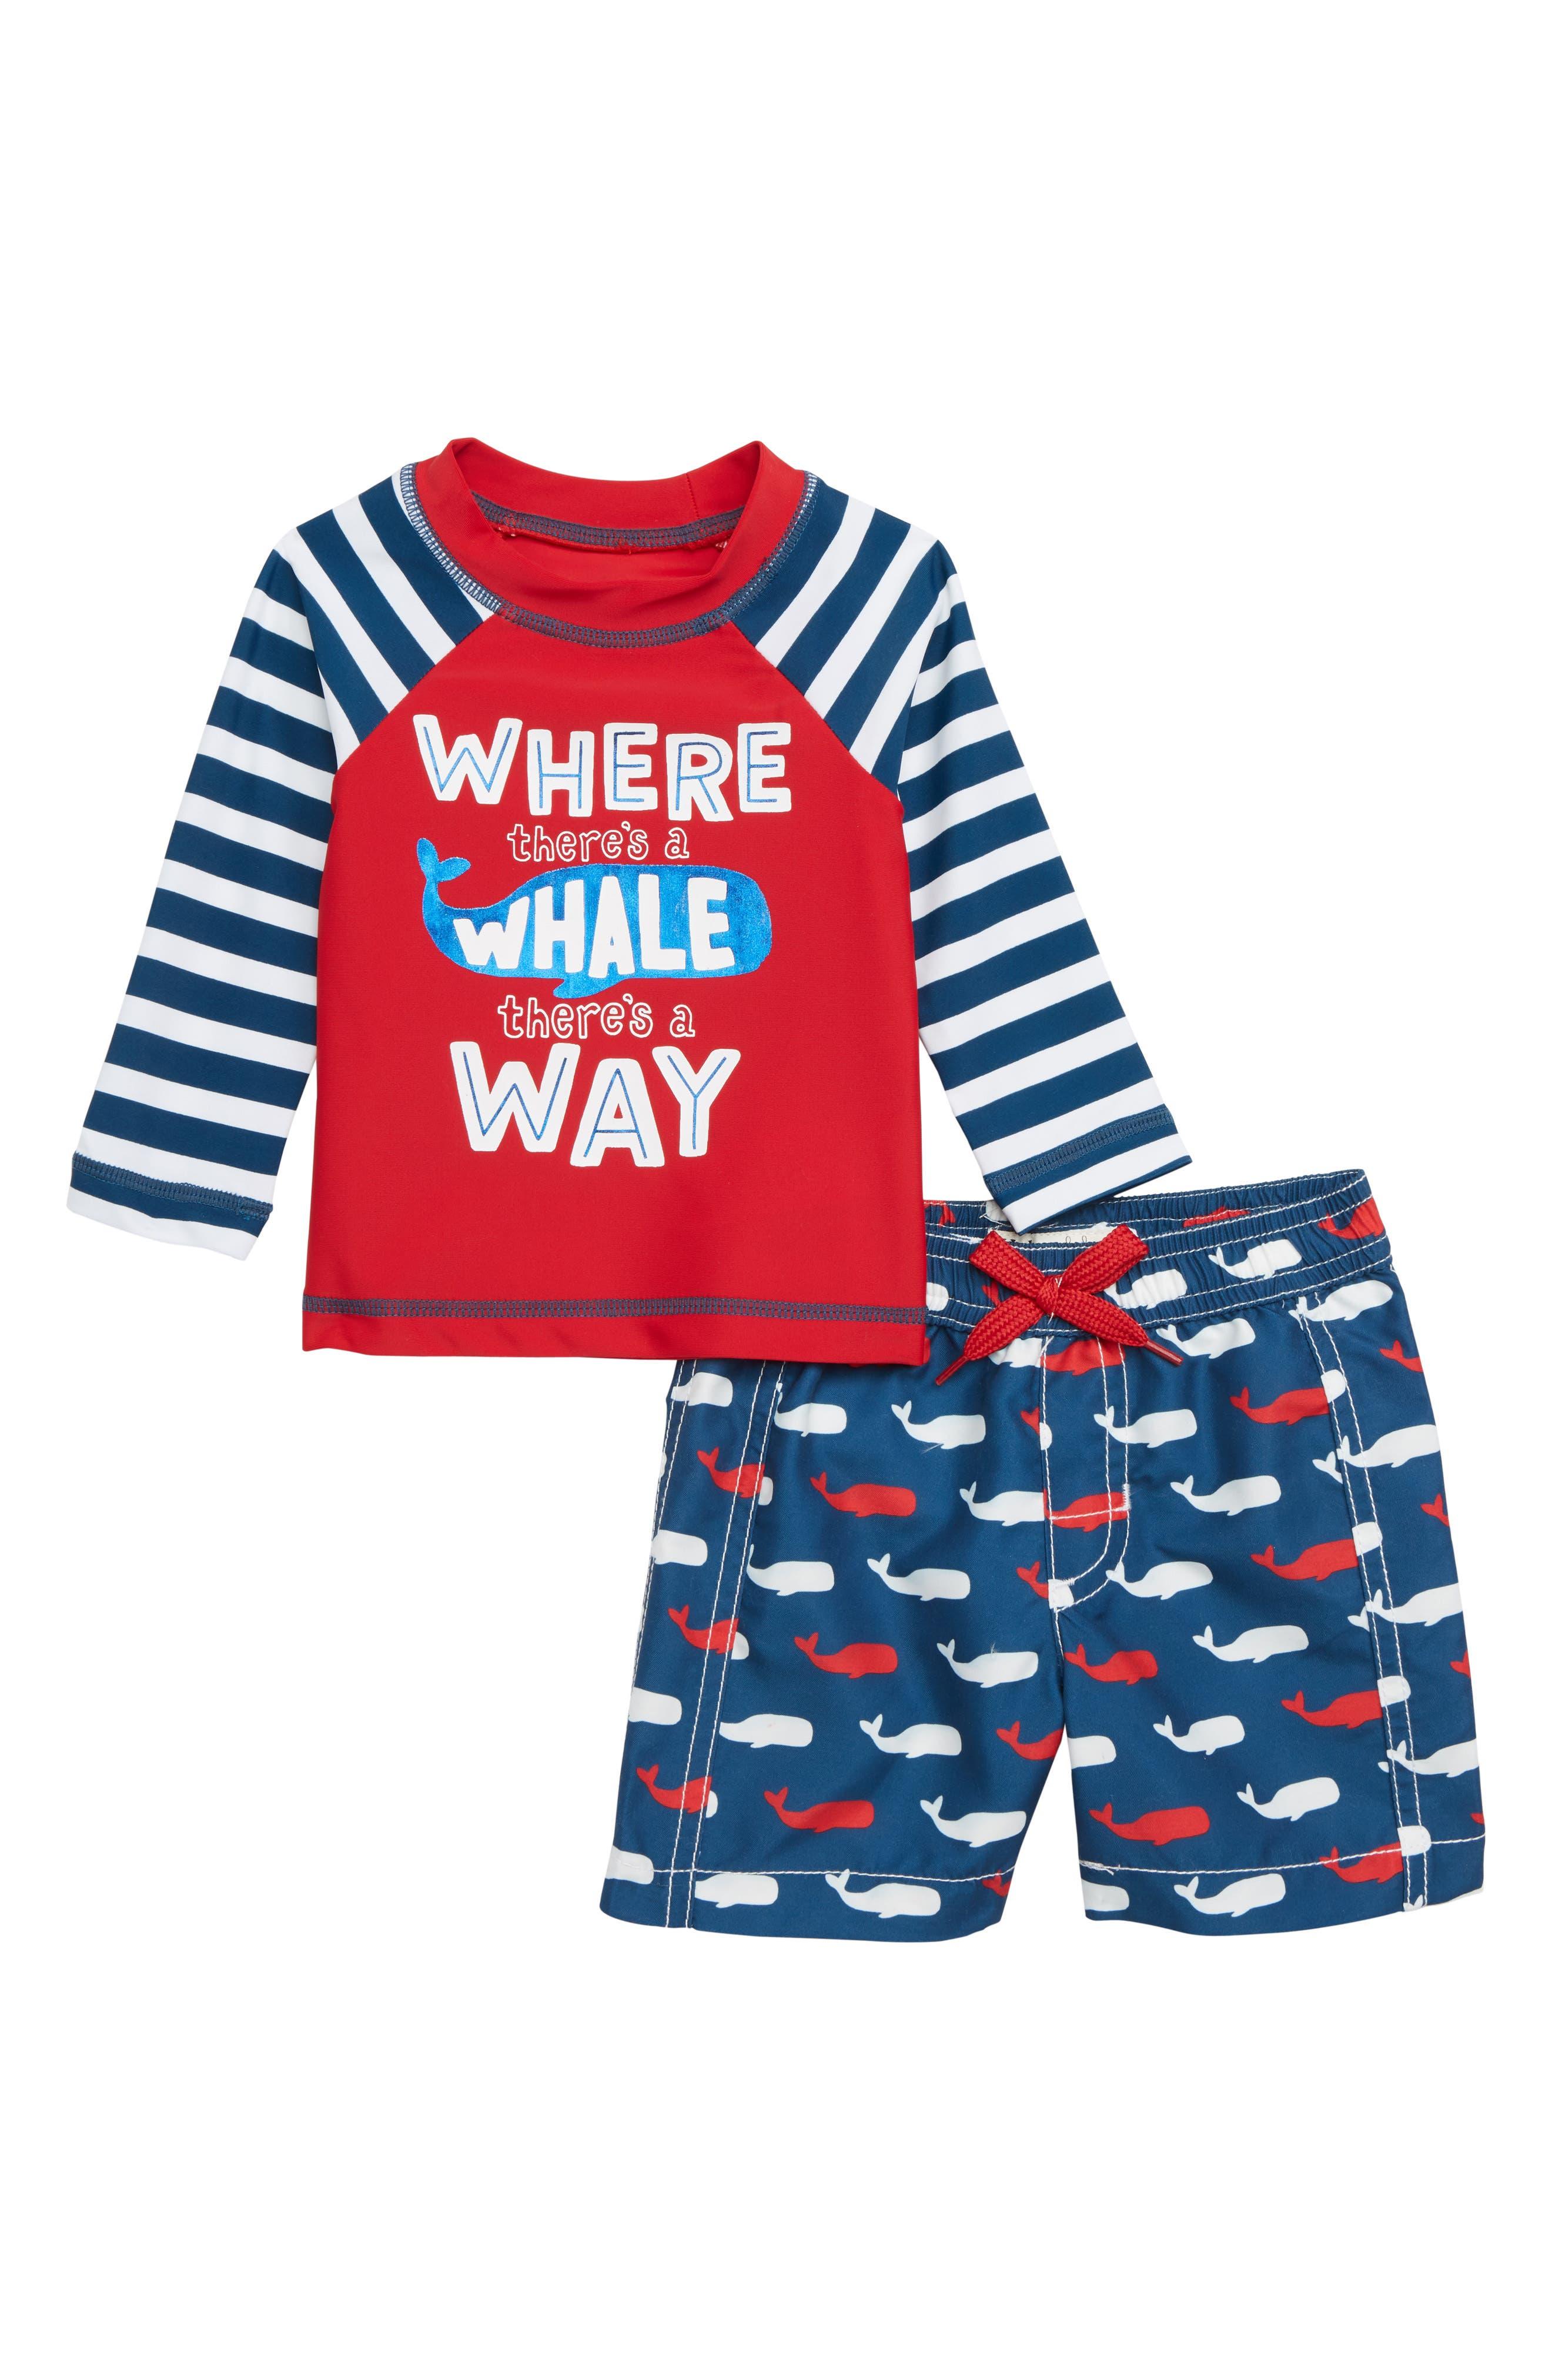 HATLEY, Whale Pod Rashguard Set, Main thumbnail 1, color, RED